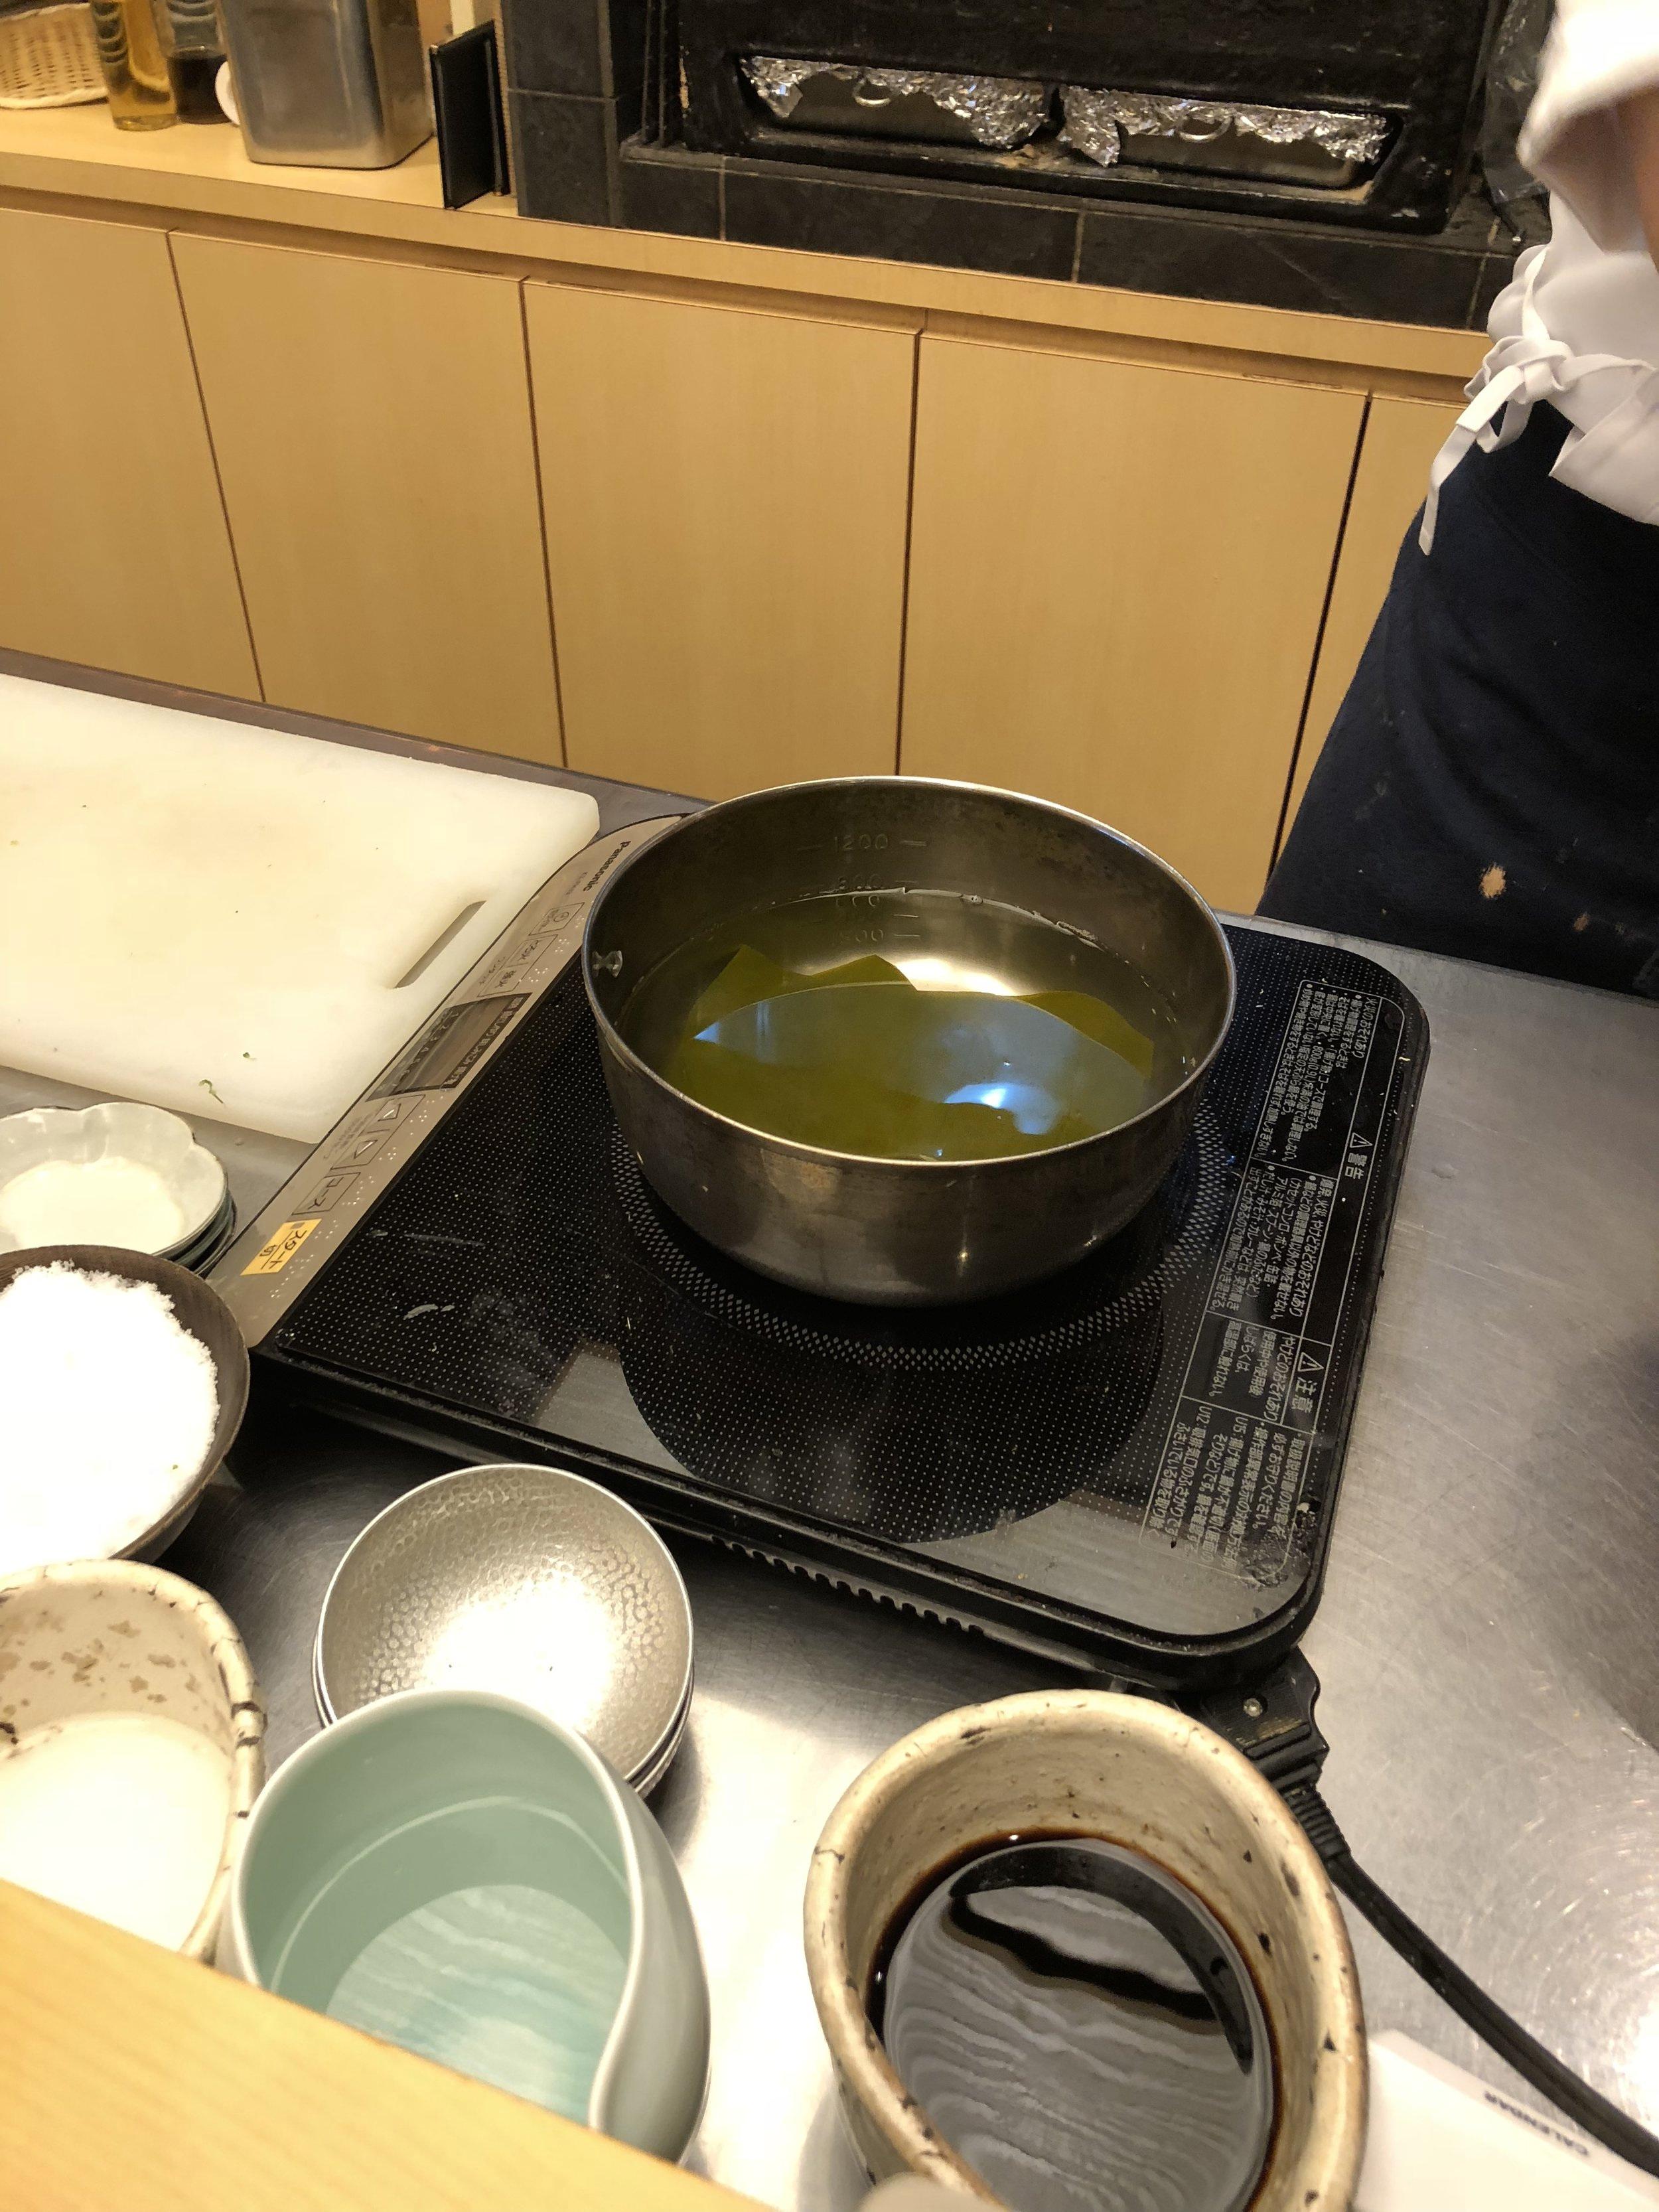 kombu (seaweed) dashi